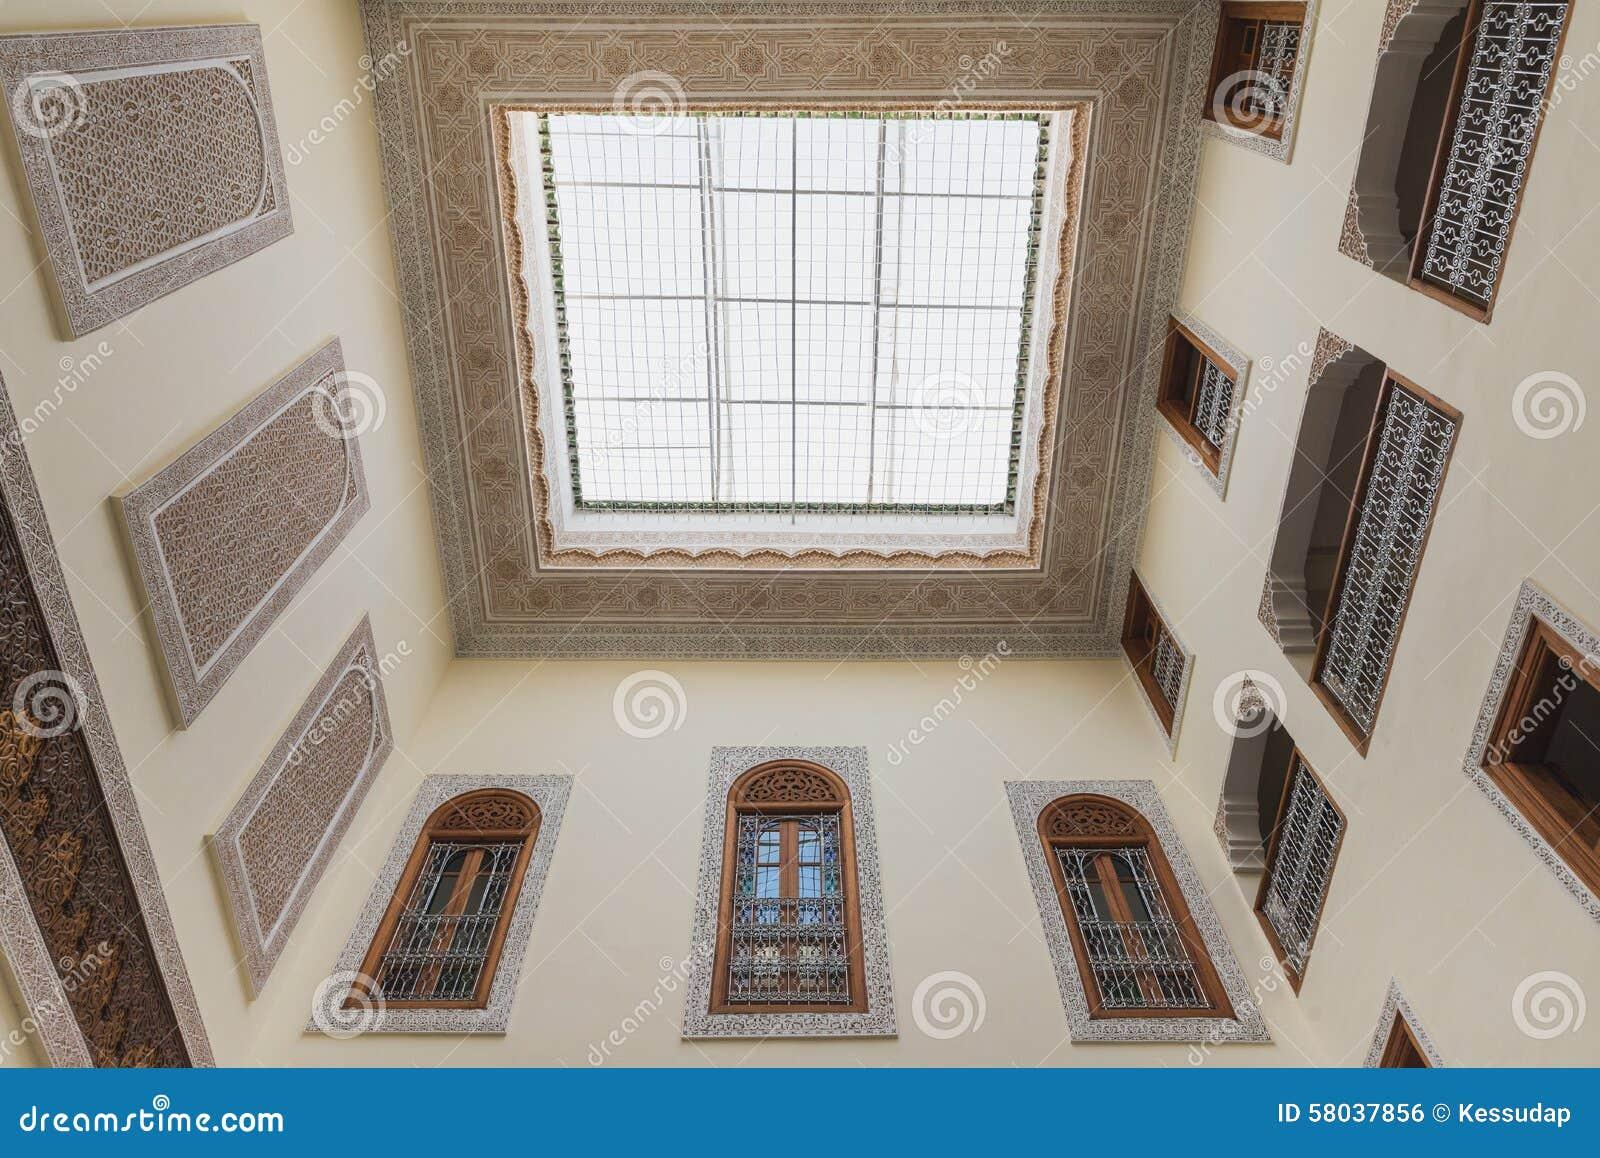 L 39 int rieur de la maison dans le style arabe a le dessus for Interieur de la maison